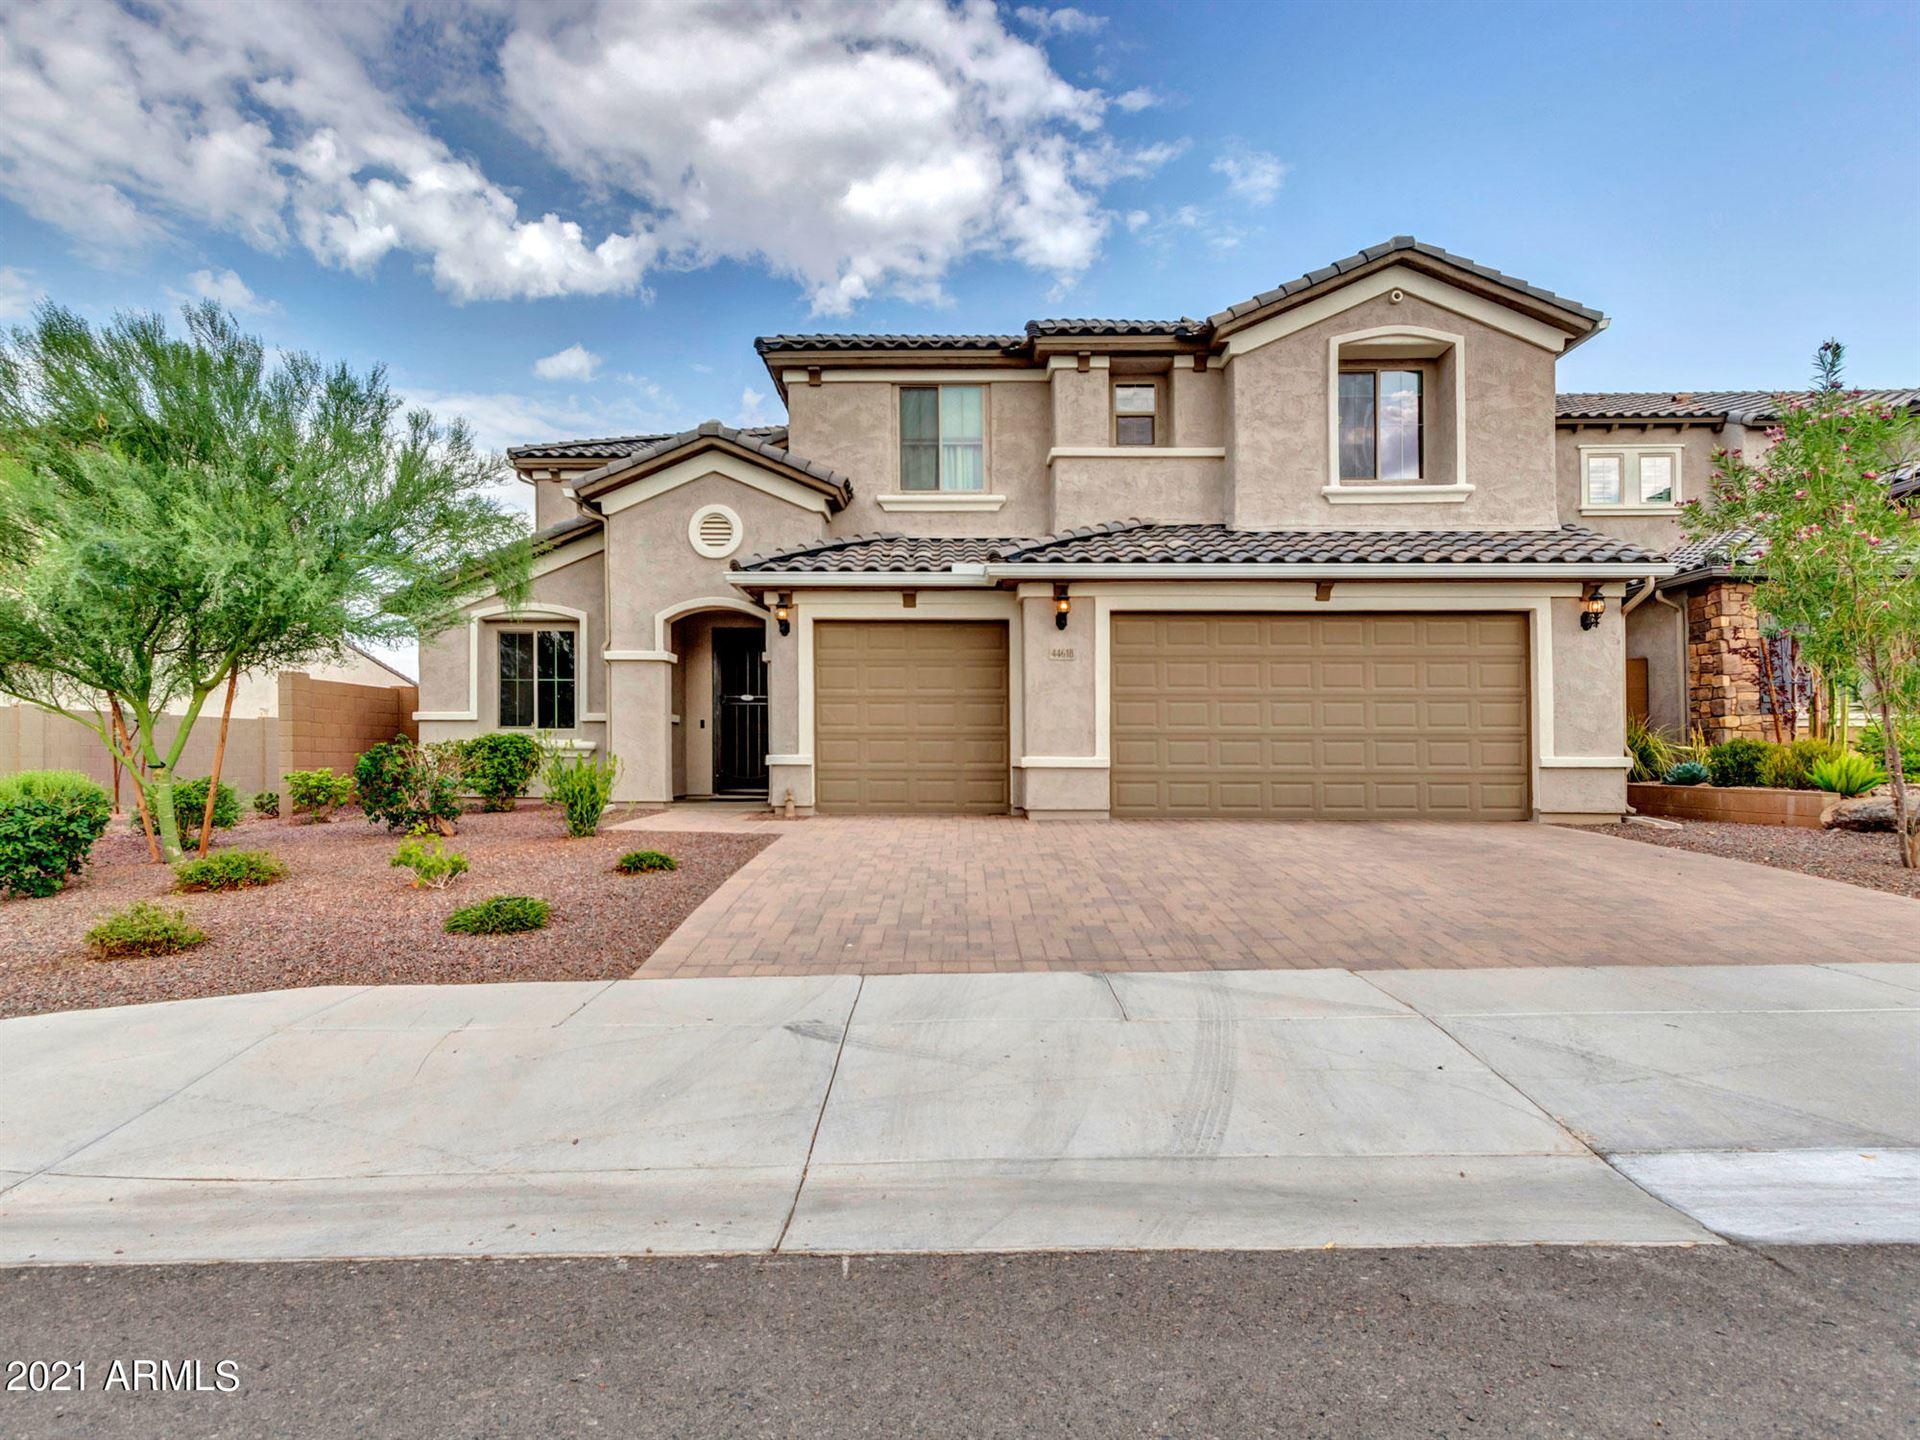 Photo of 44618 N SONORAN ARROYO Lane, New River, AZ 85087 (MLS # 6263109)